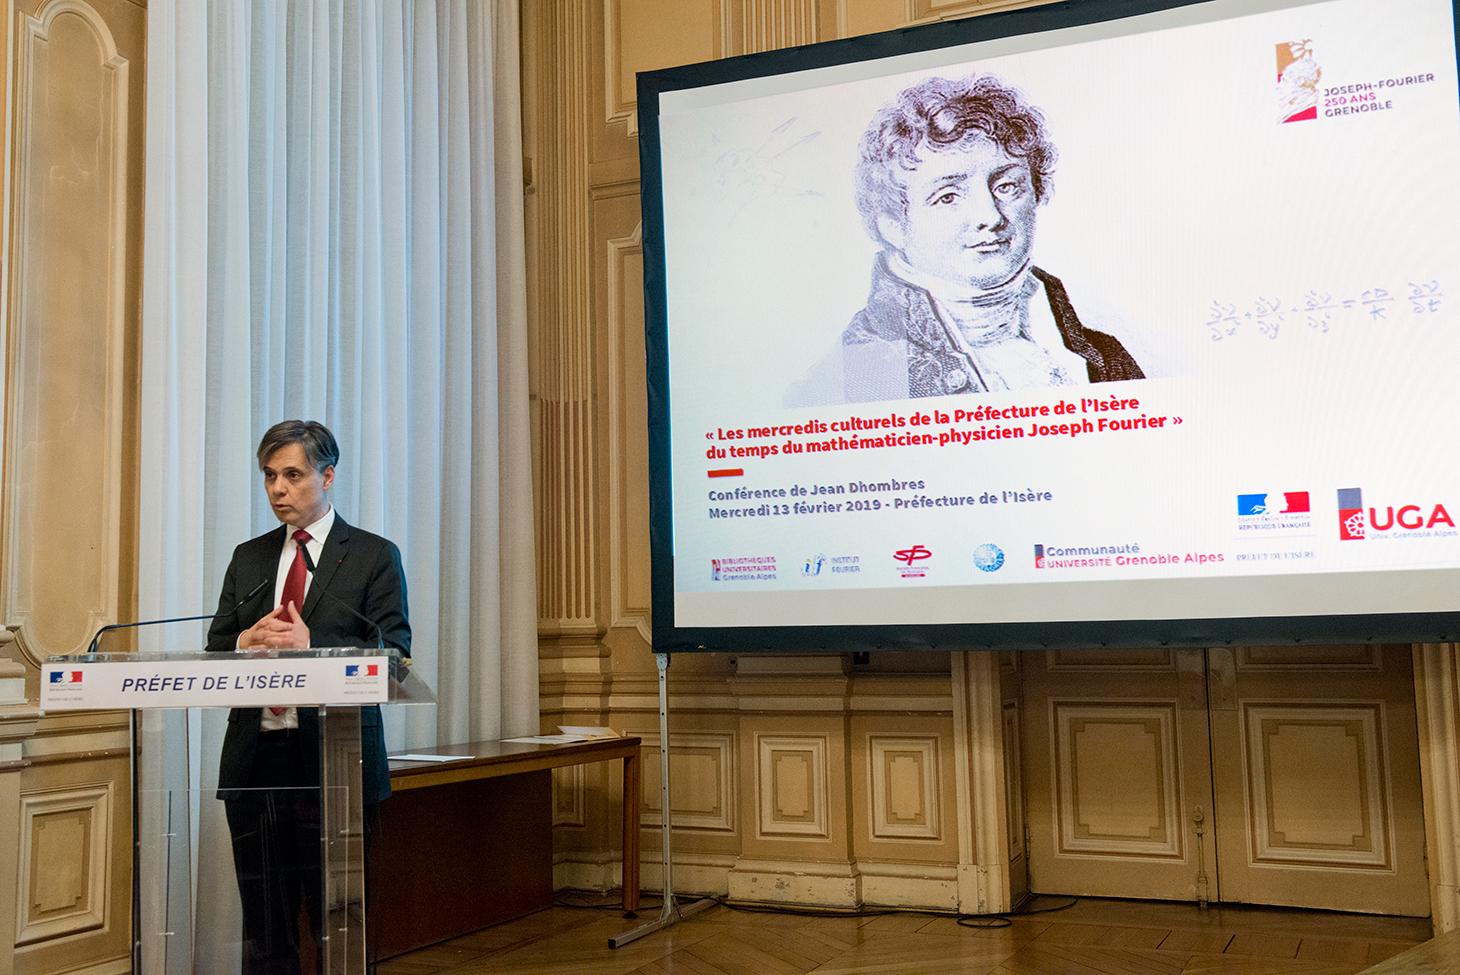 Discours du Préfet de l'Isère avant l'ouverture de la conférence